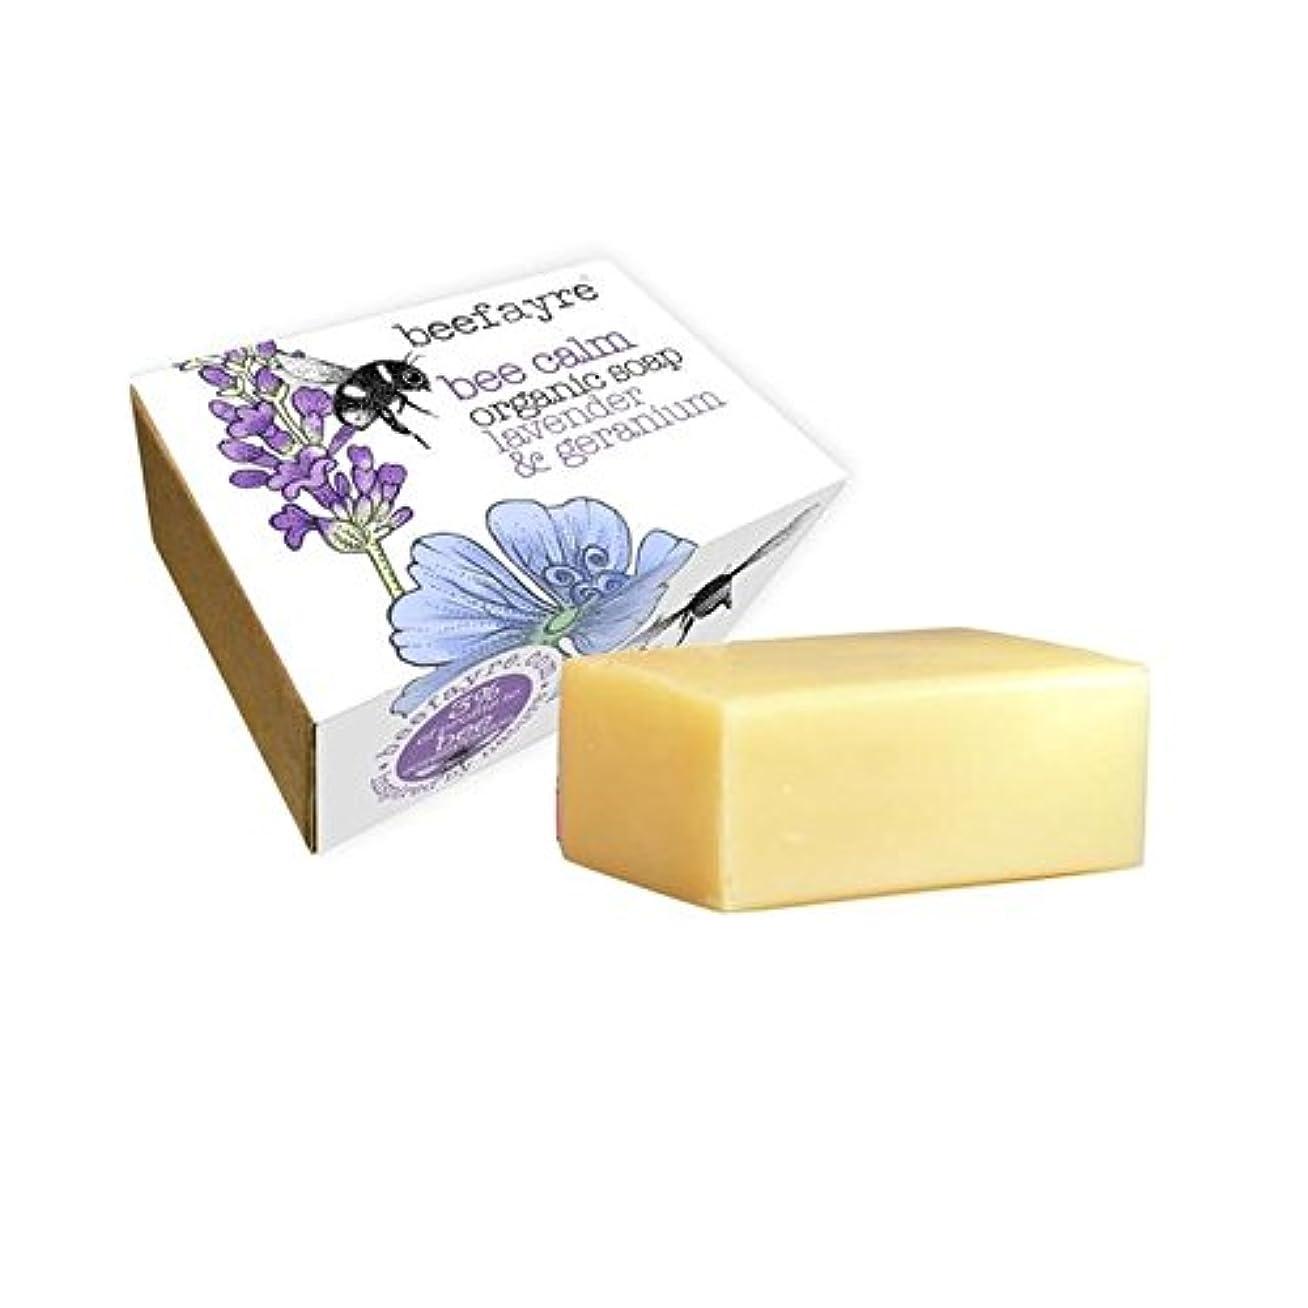 旅客ボウル手錠Beefayre Organic Geranium & Lavender Soap - 有機ゼラニウム&ラベンダー石鹸 [並行輸入品]